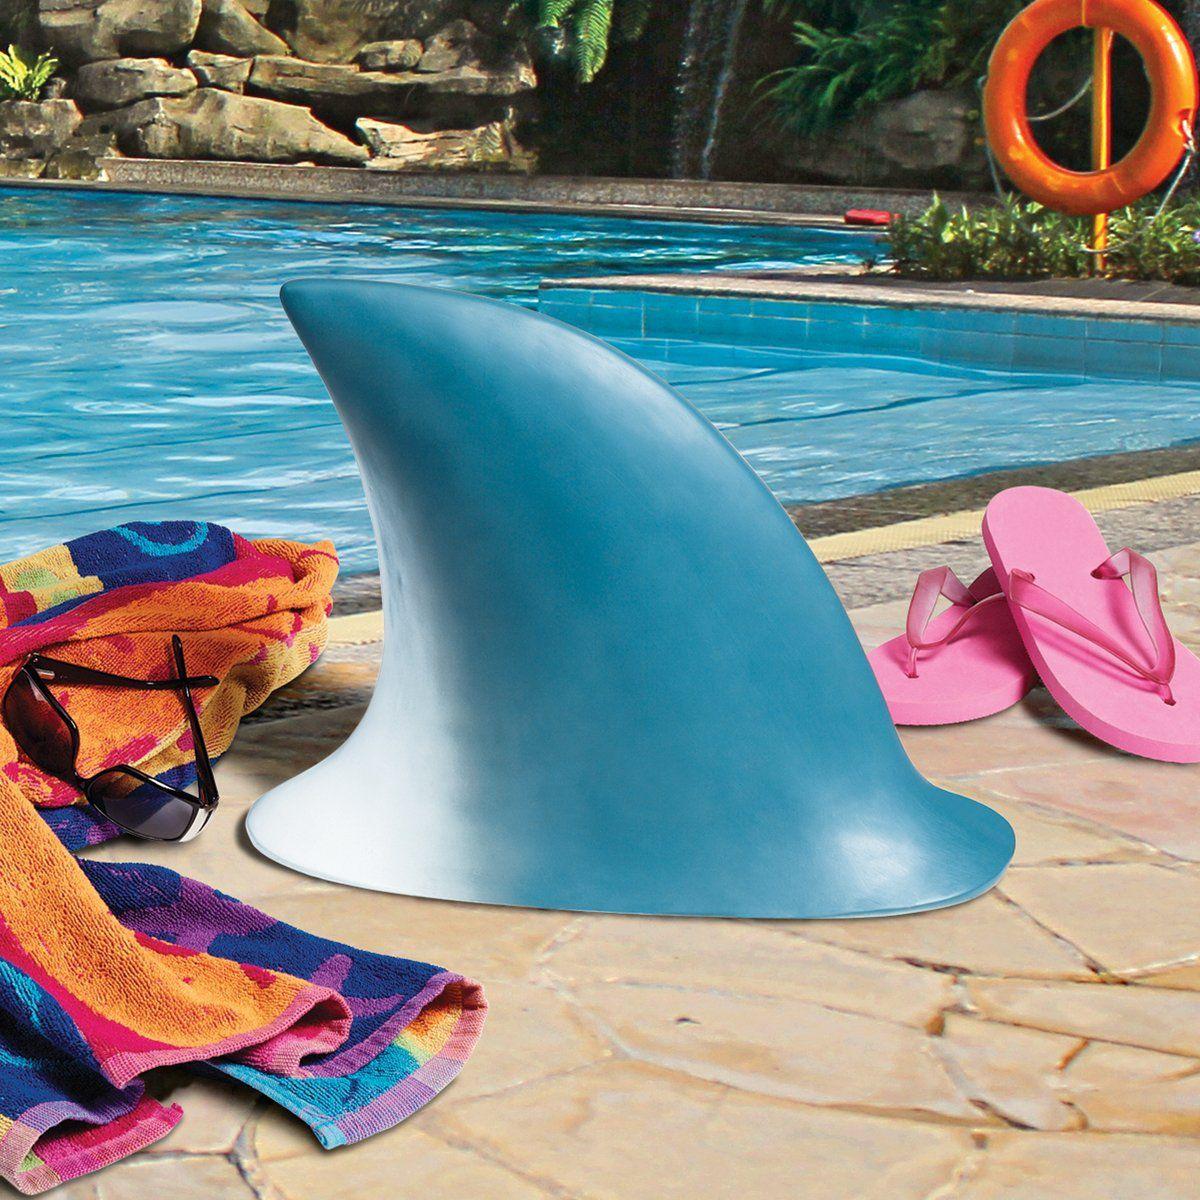 Shark Party Decor For Your Yard Shark Pool Toys